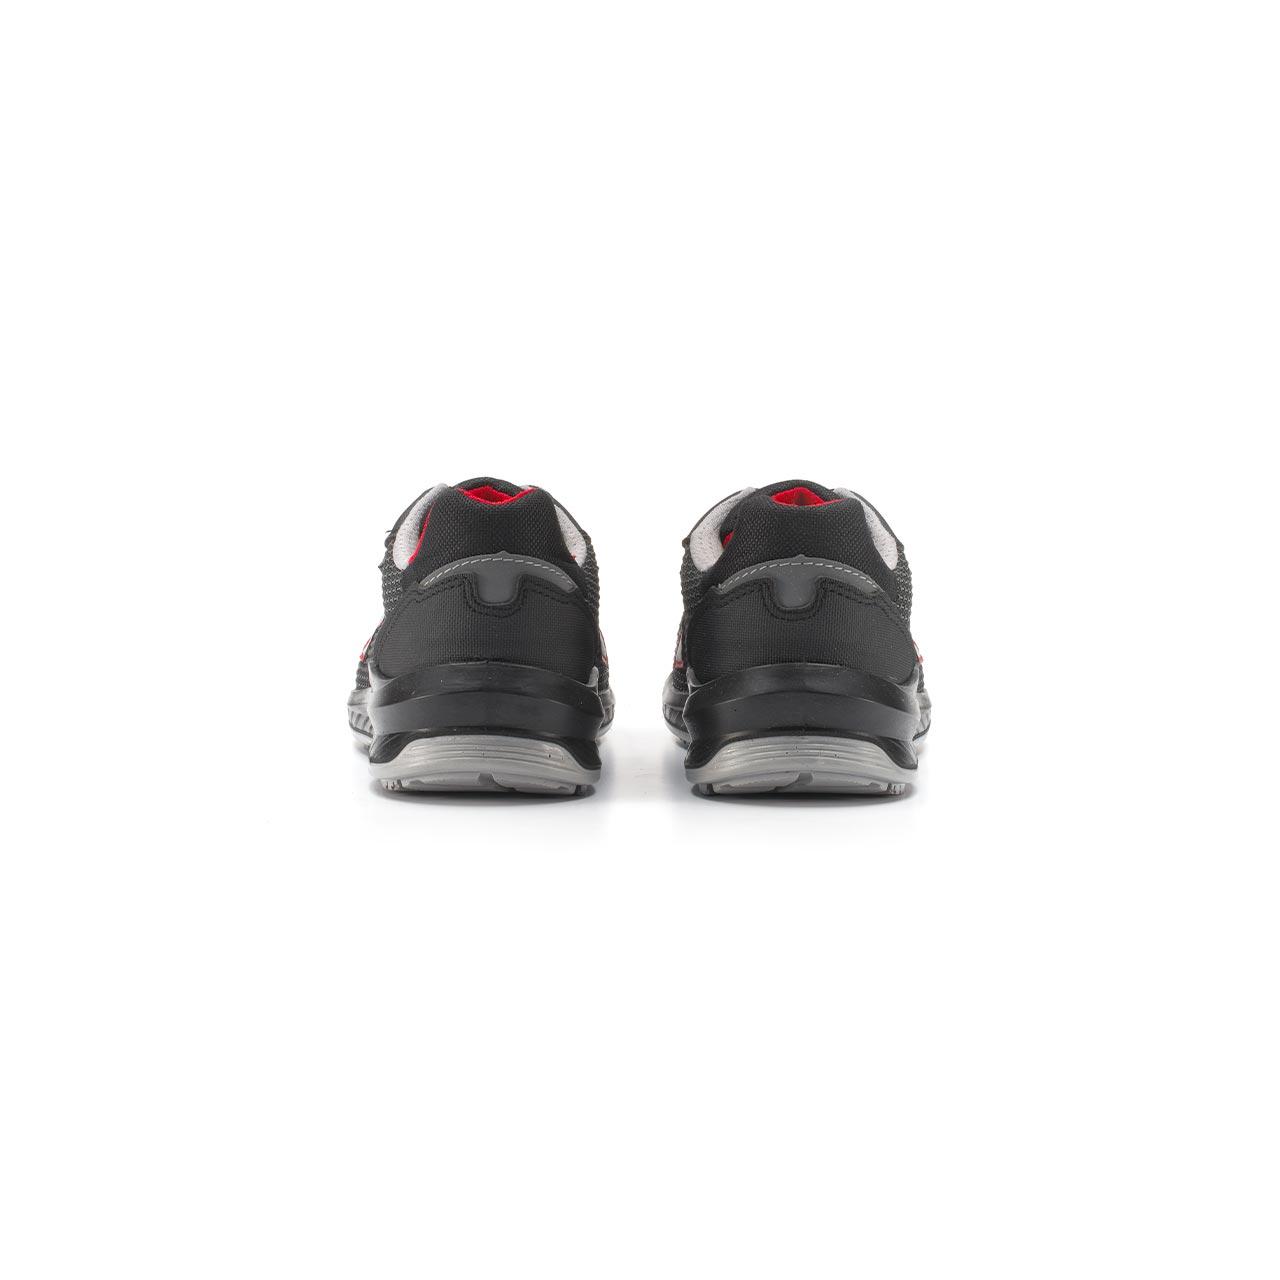 paio di scarpe antinfortunistiche upower modello lisbona linea redindustry vista retro